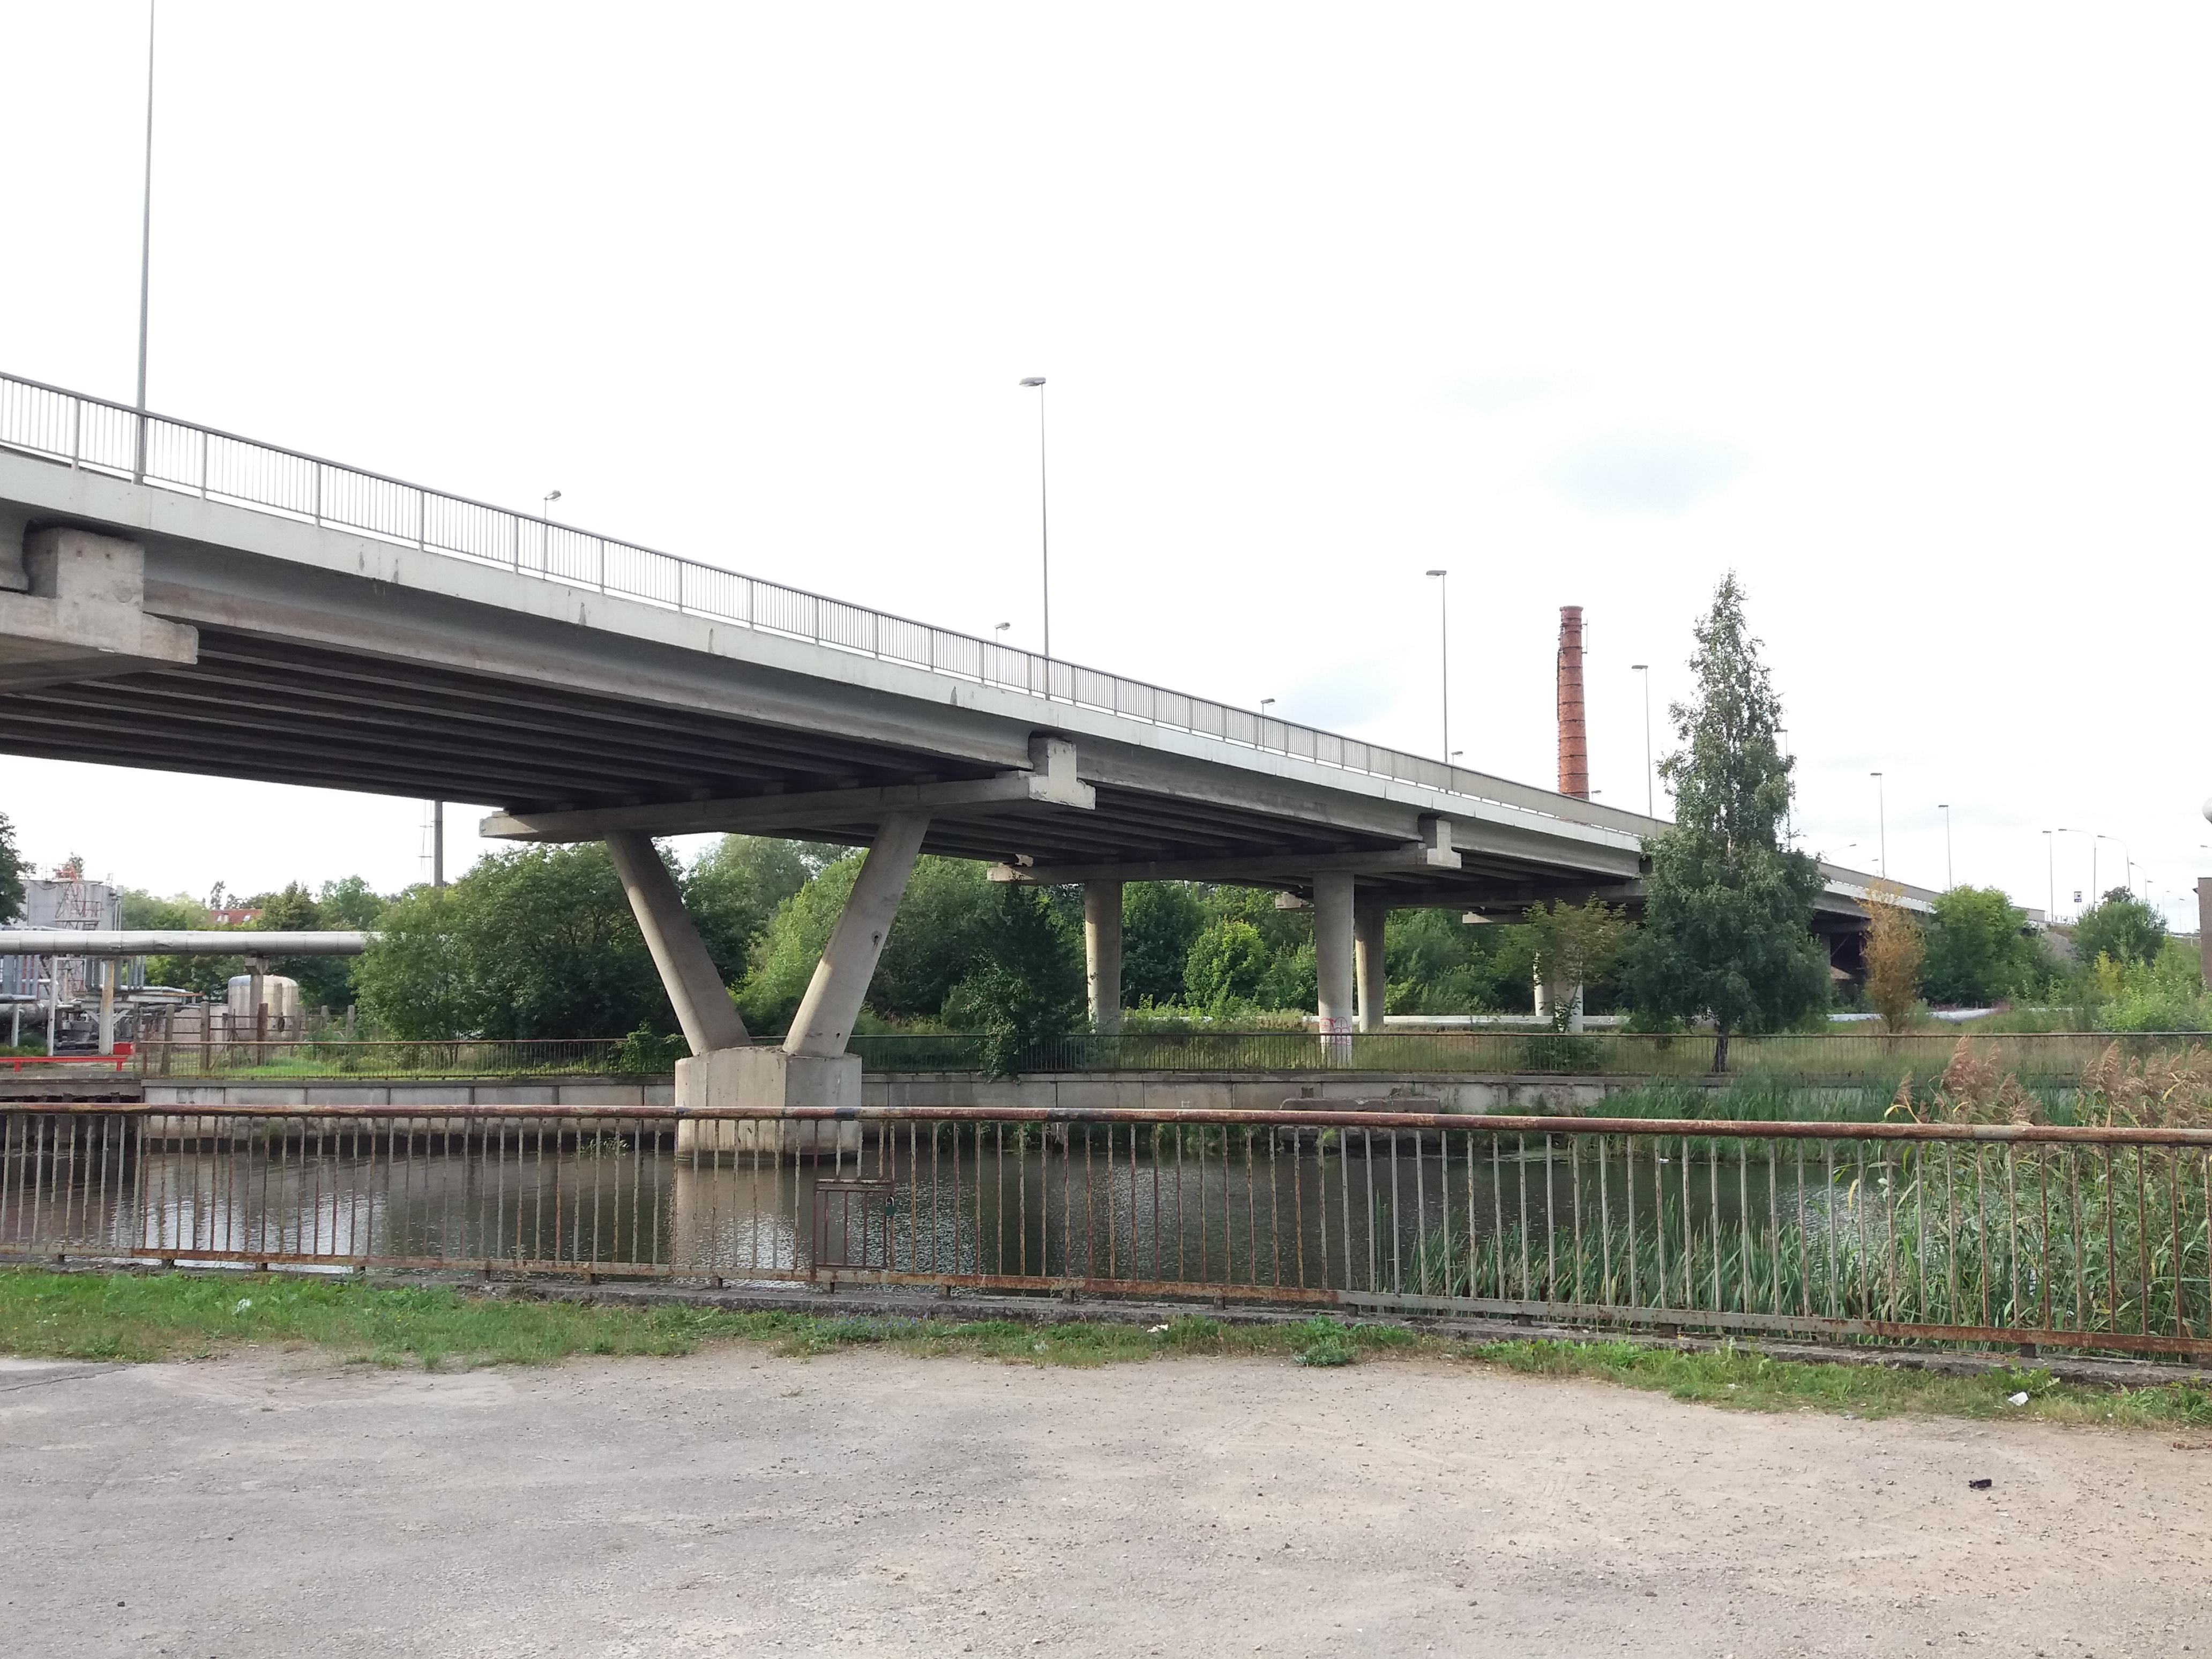 Mokyklos gatvės tiltas nuo krantinės